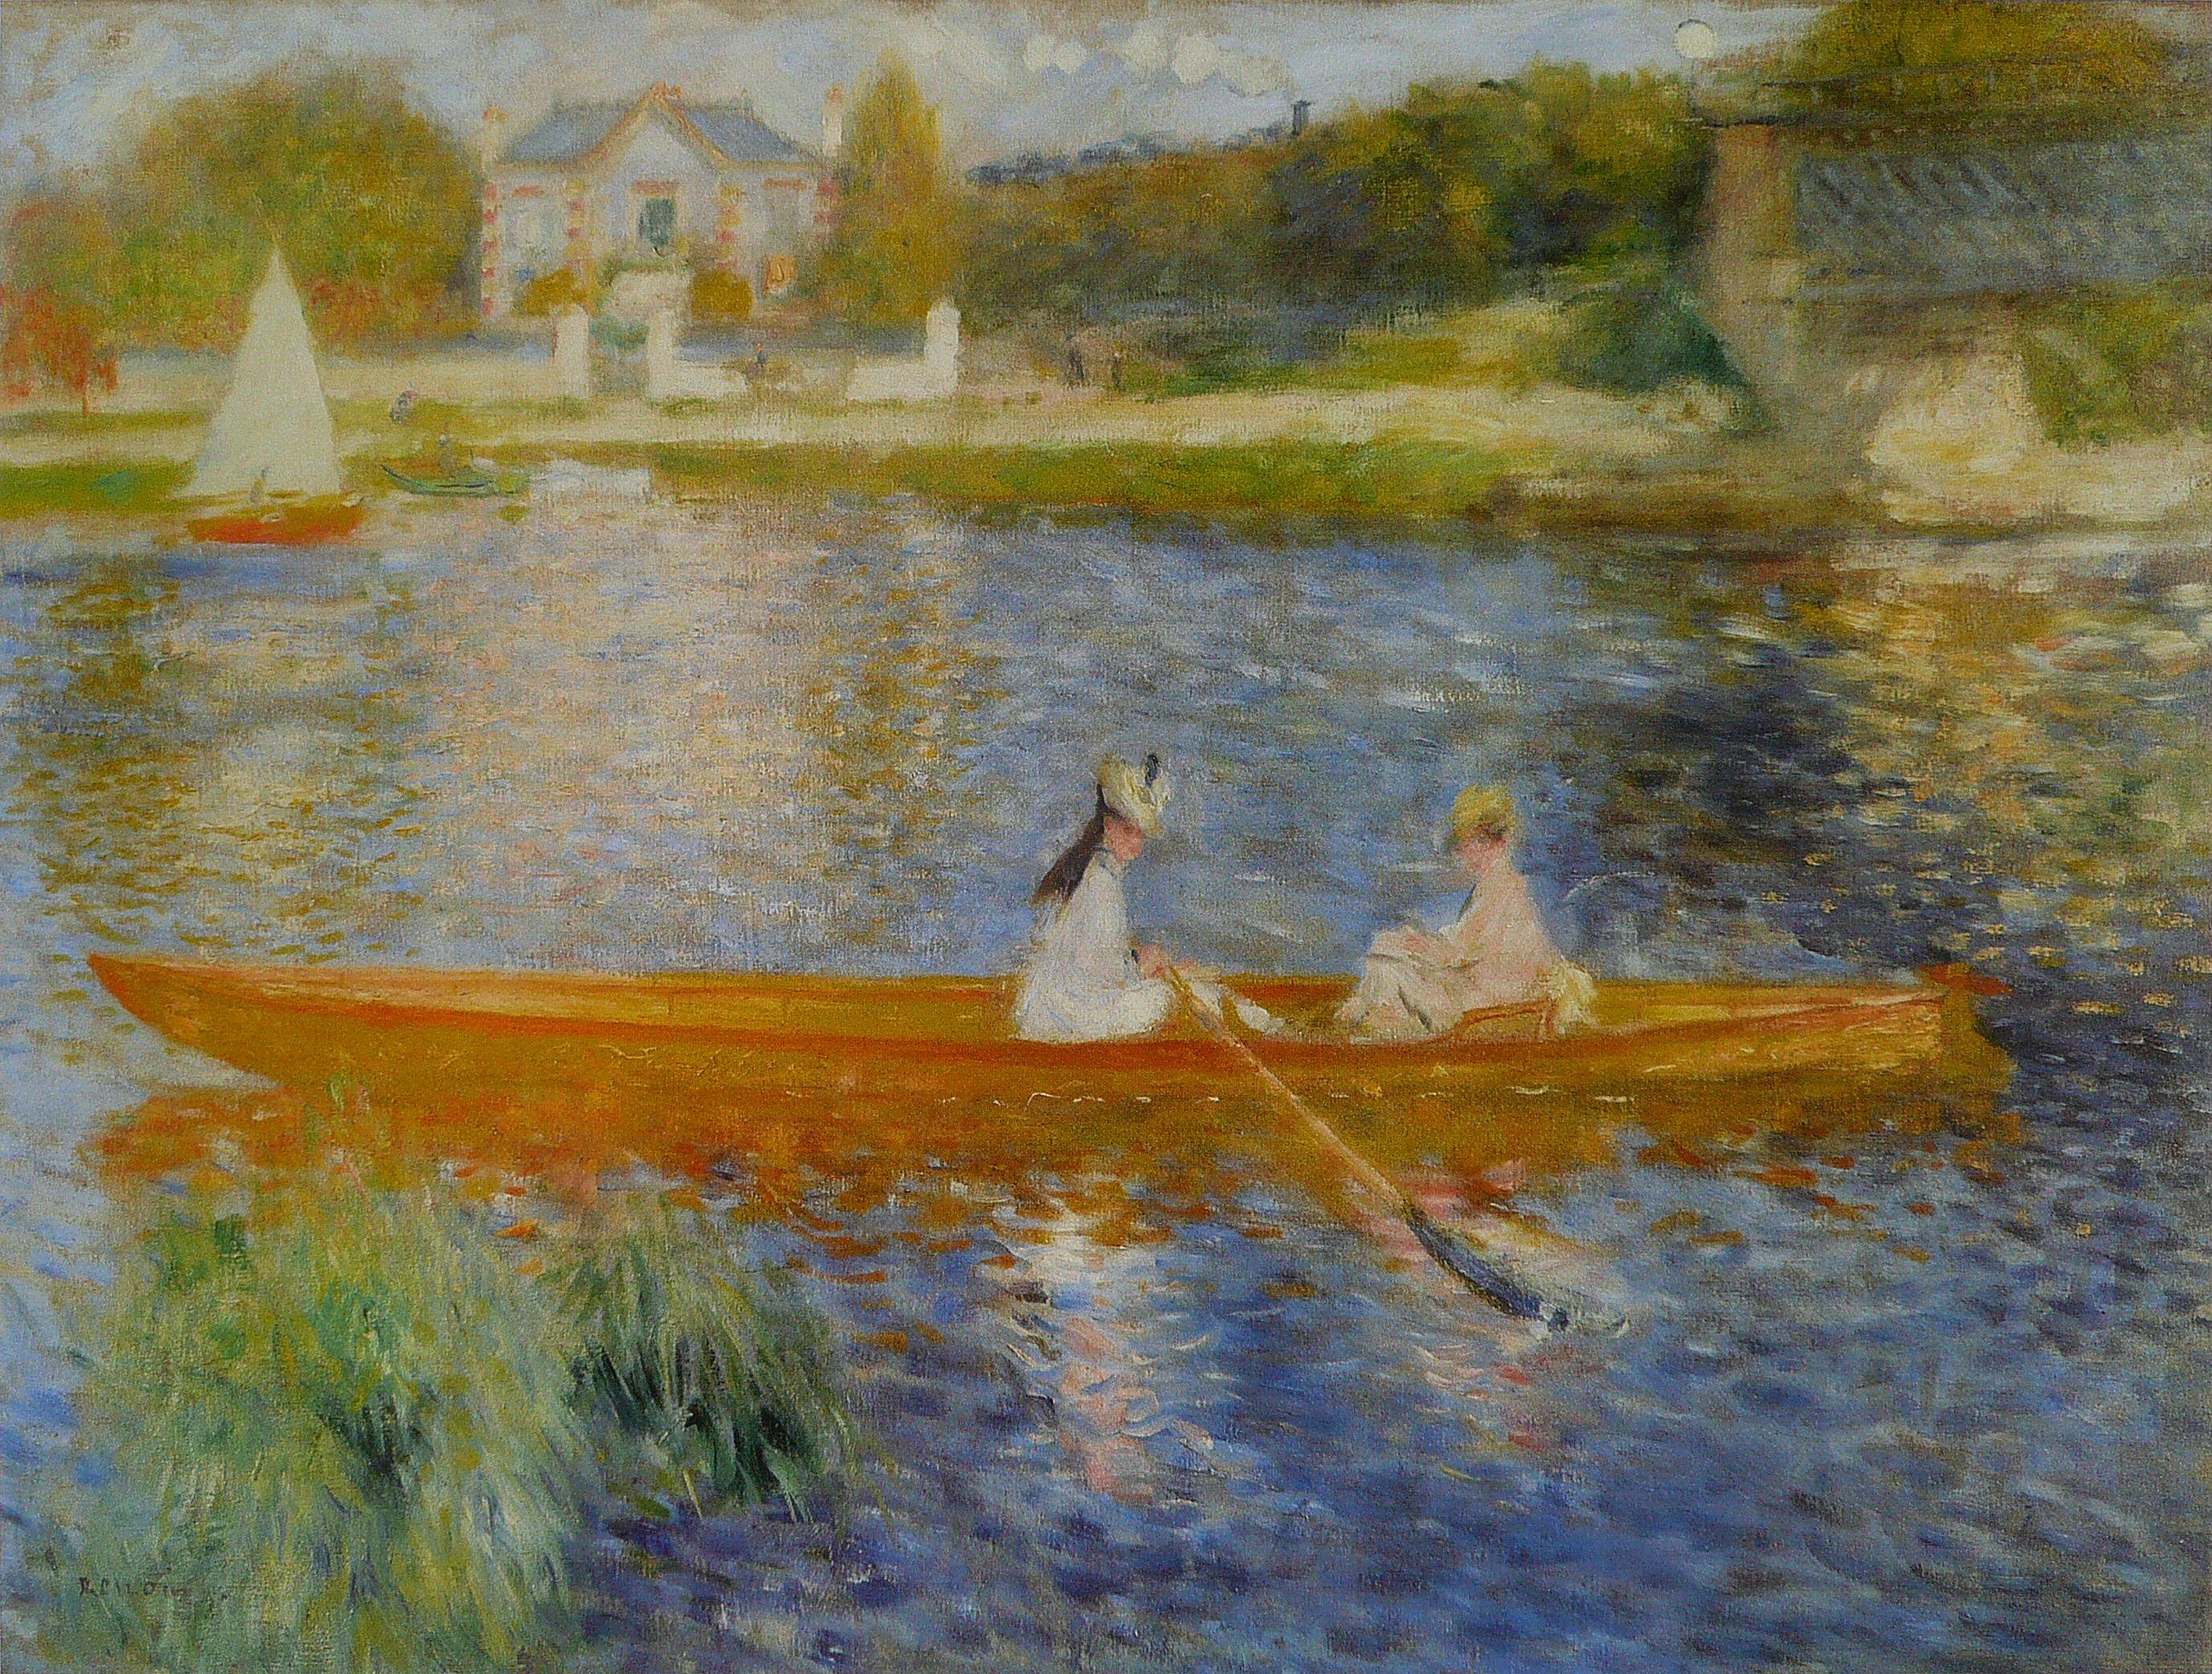 File:Pierre-Auguste Renoir - La Yole.jpg - Wikimedia Commons